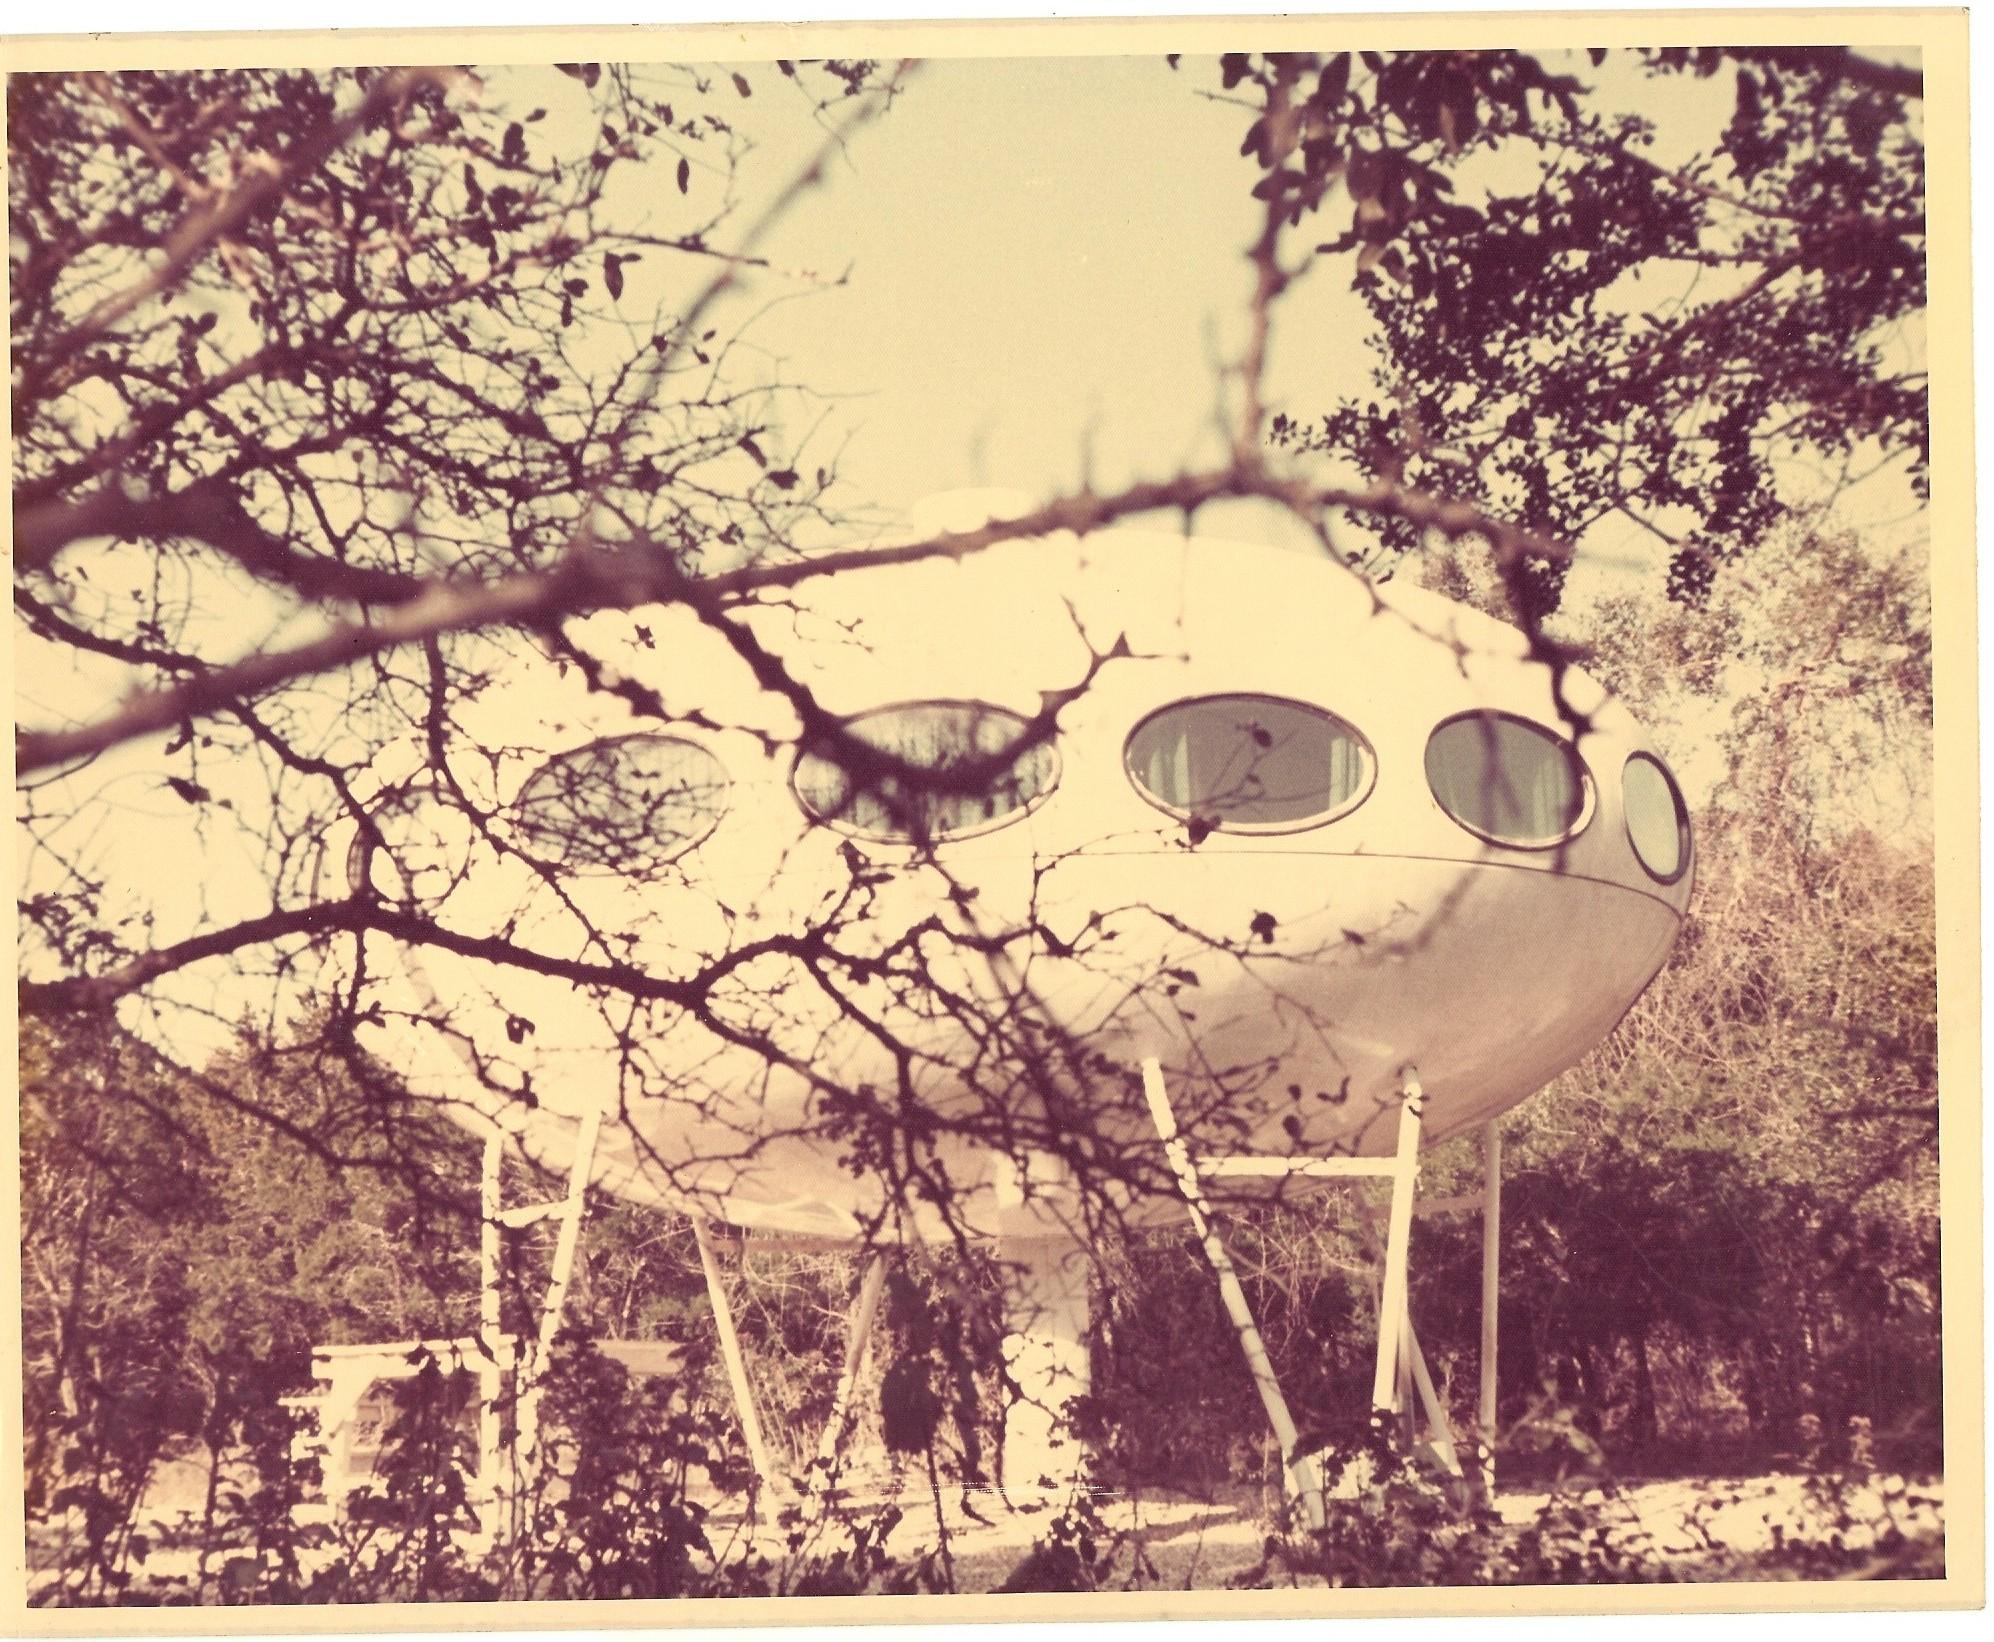 Futuro, Austin, Texas - 1970's